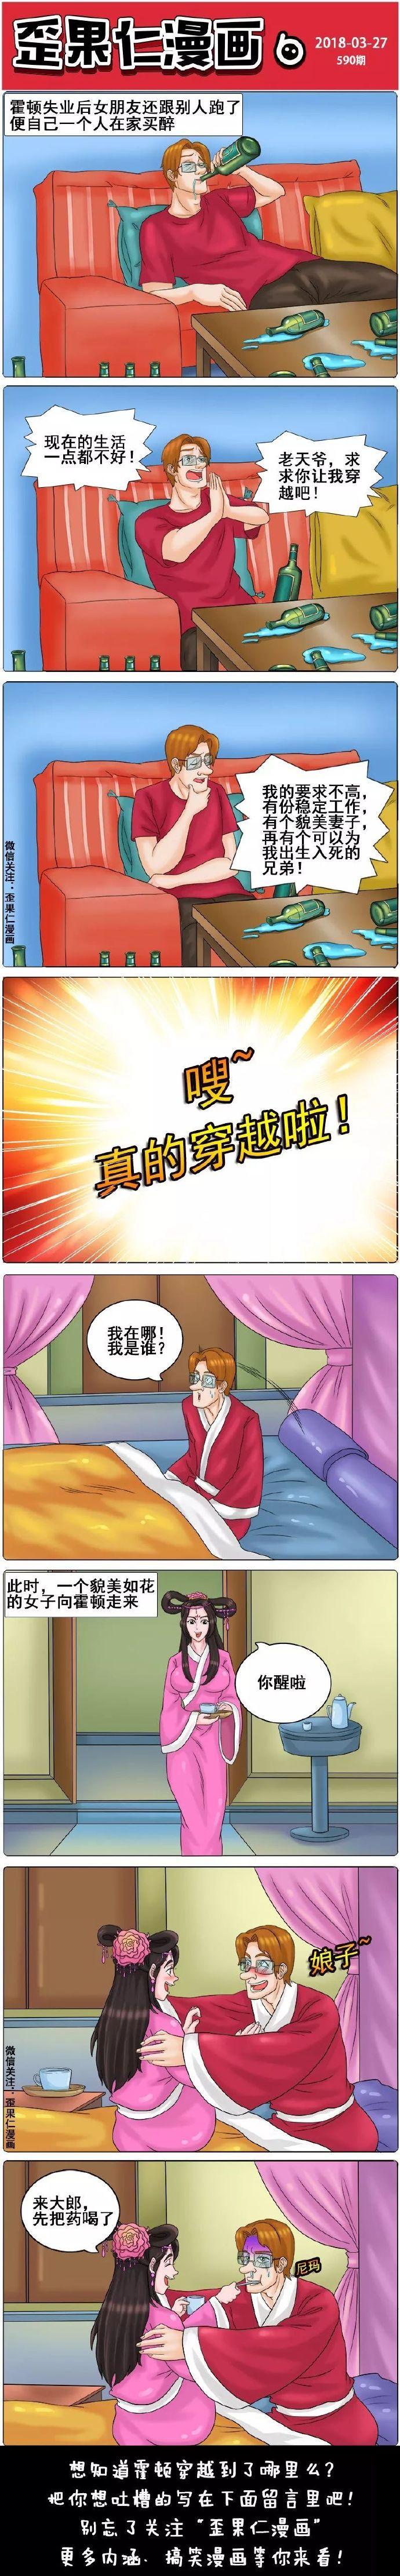 """歪果仁漫��第590期:小伙穿越千年想逆�u!不料�s被自己""""媳�D""""成功截��!"""